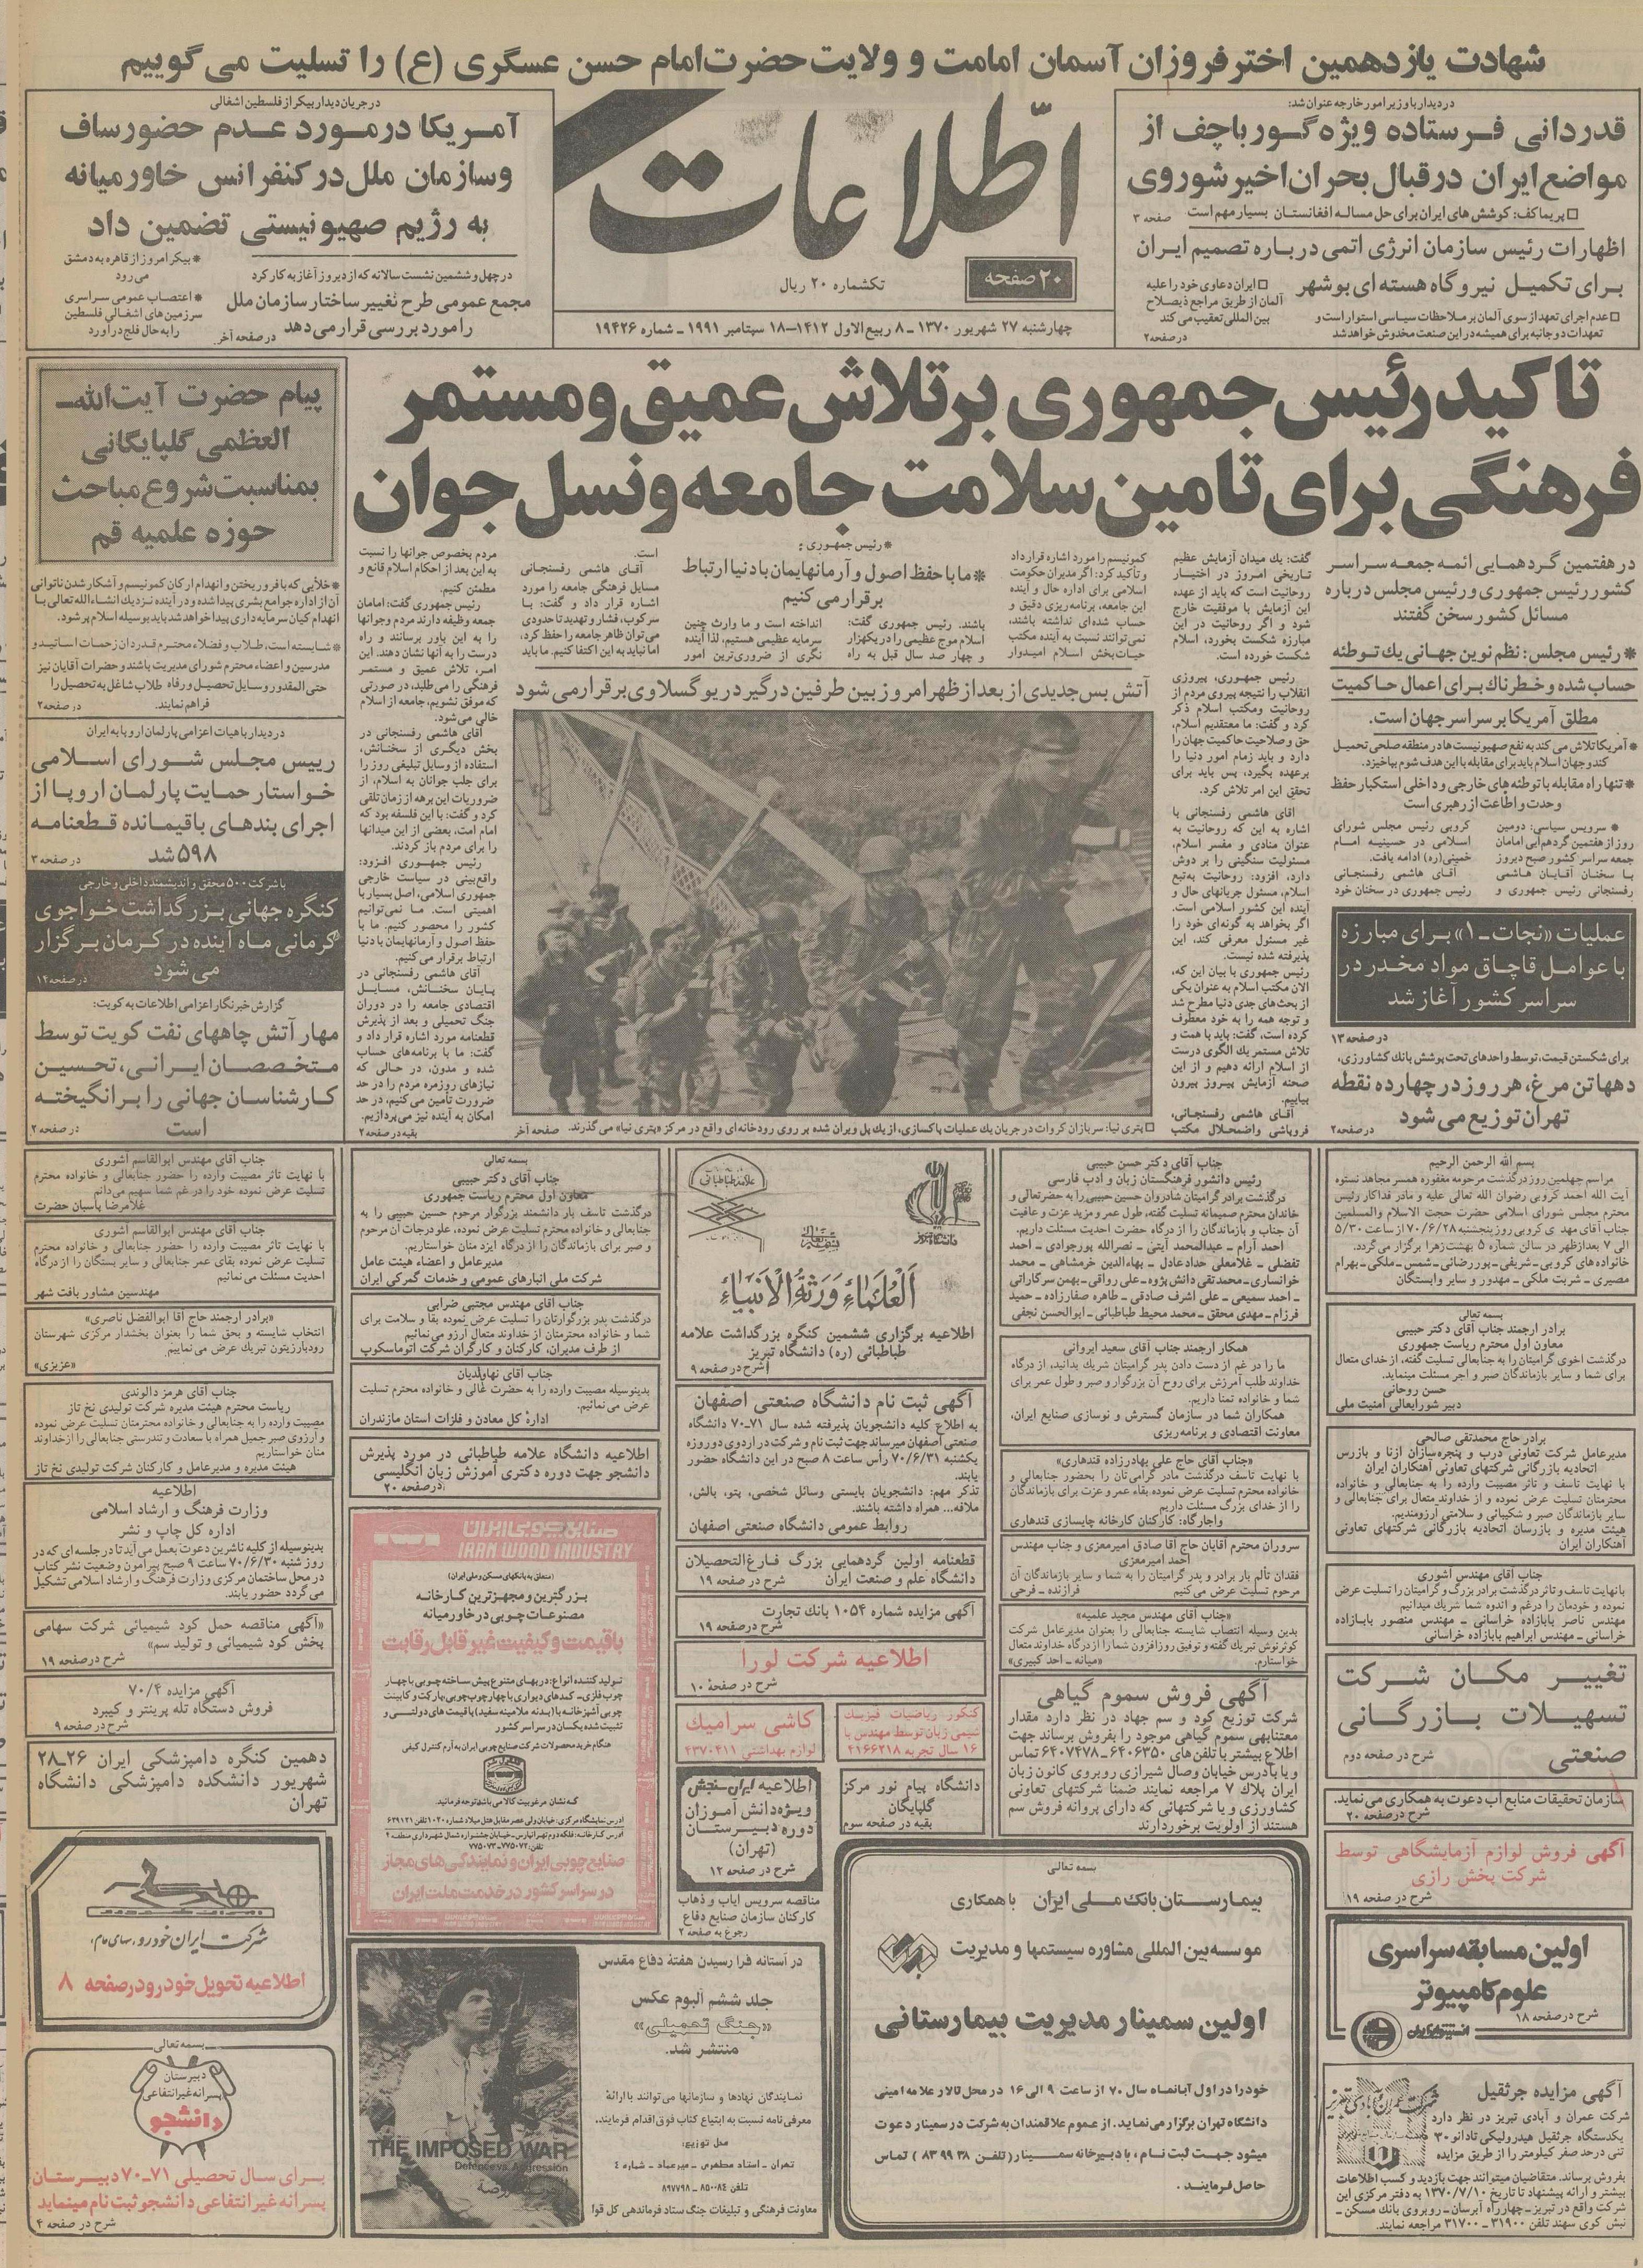 اطلاعات 27 شهریور 70